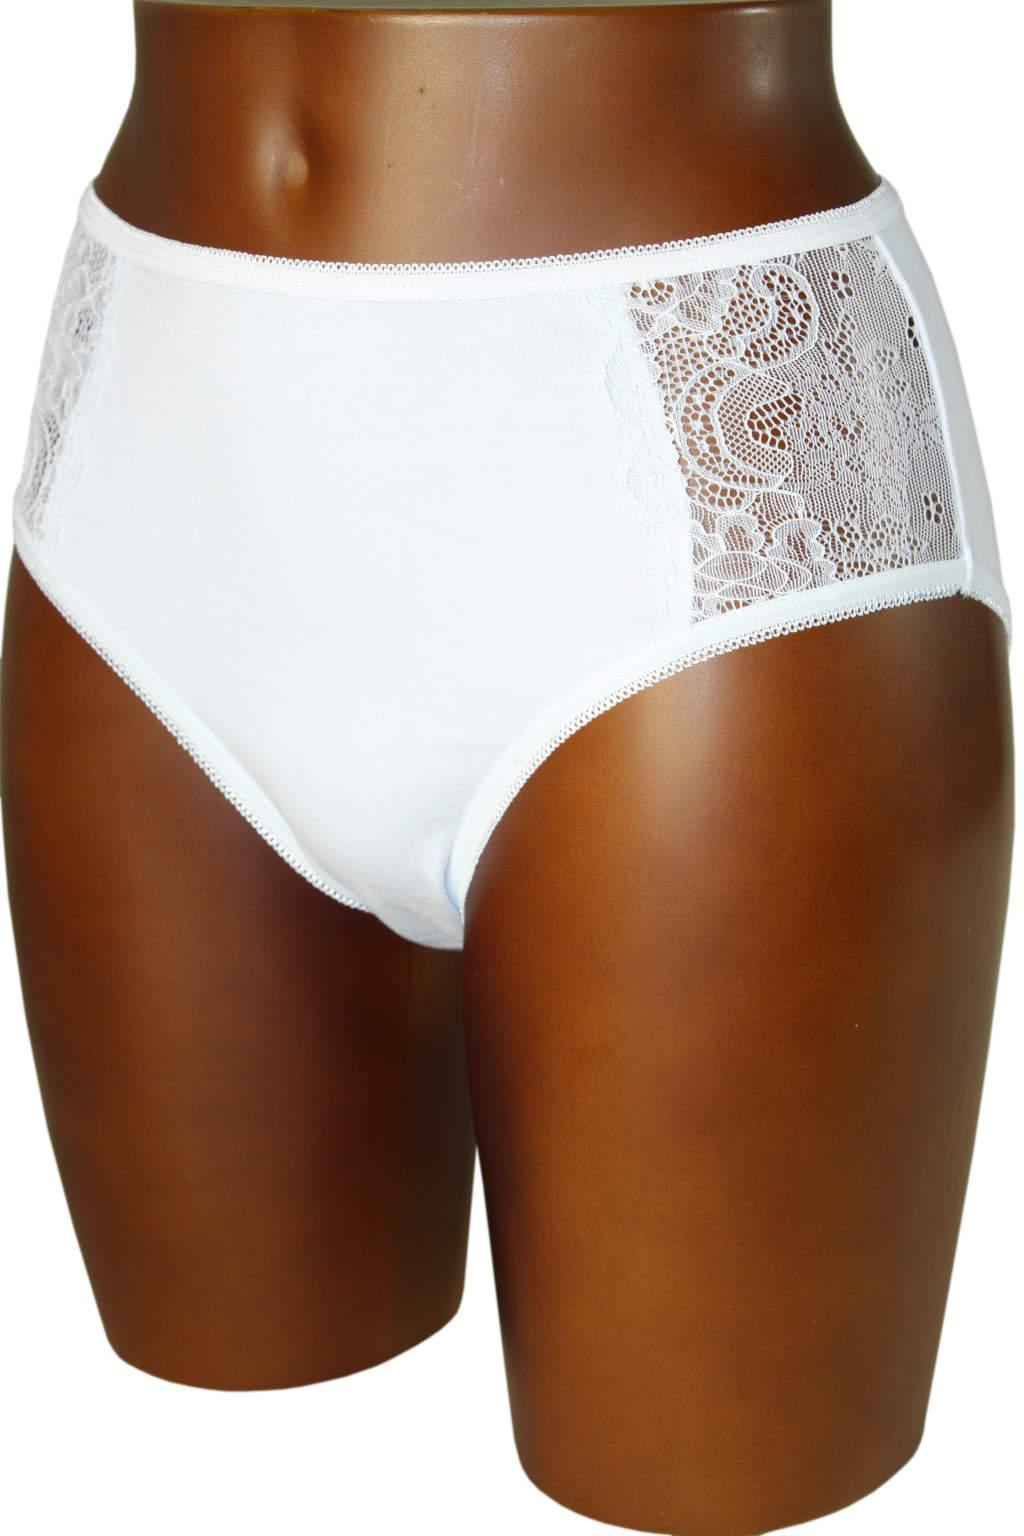 Image of Amber bavlněné kalhotky s krajkou L bílá